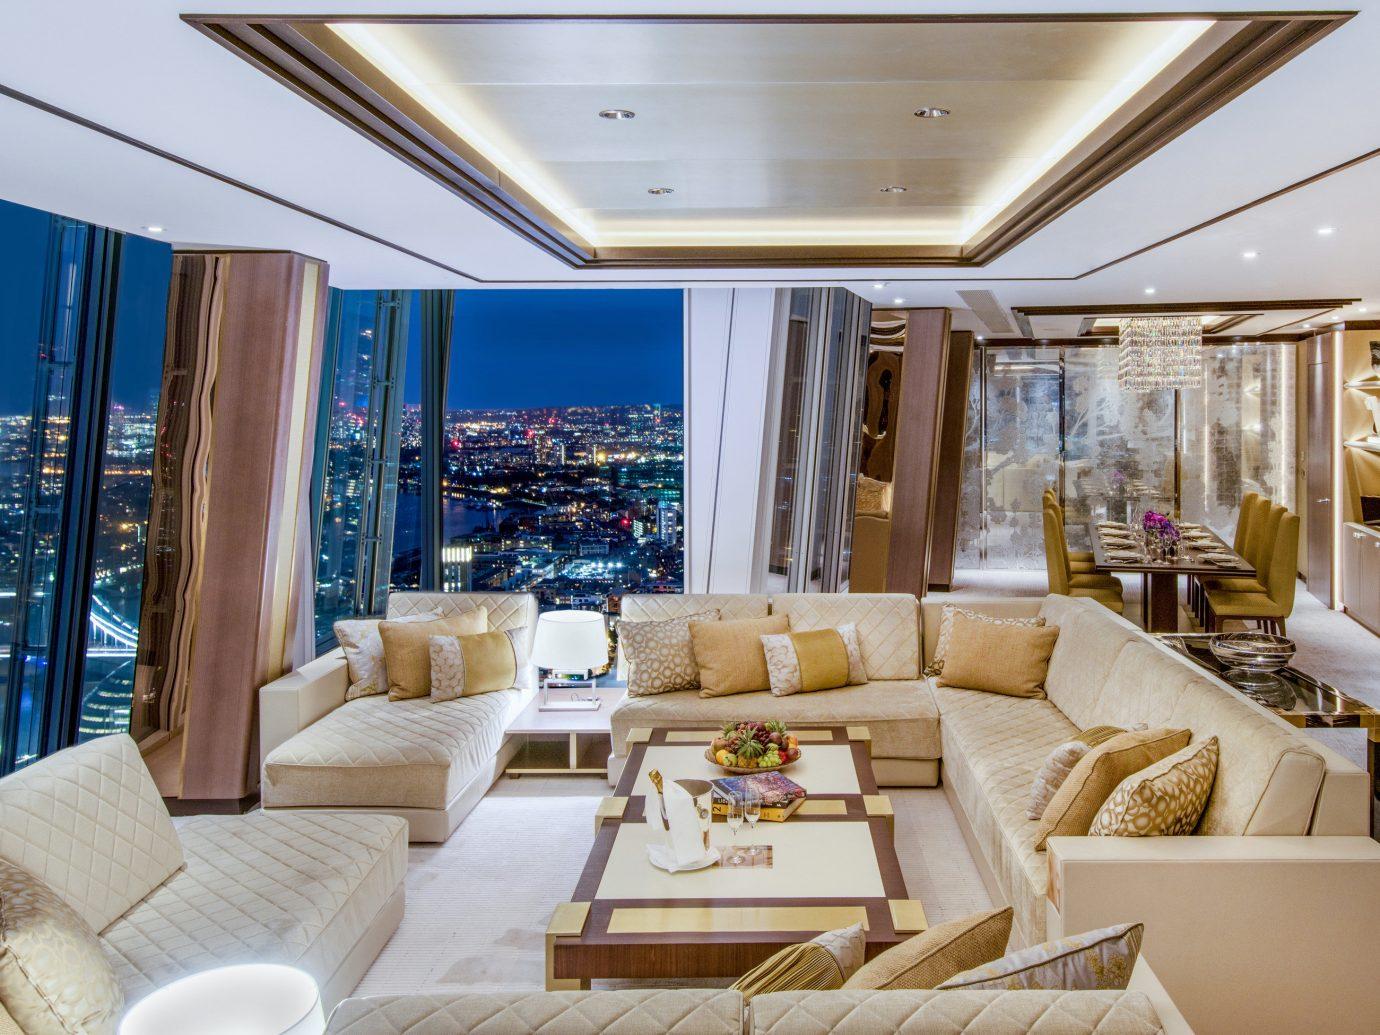 Hotels Luxury Travel indoor sofa Living room living room interior design ceiling furniture white penthouse apartment real estate apartment Suite interior designer condominium window